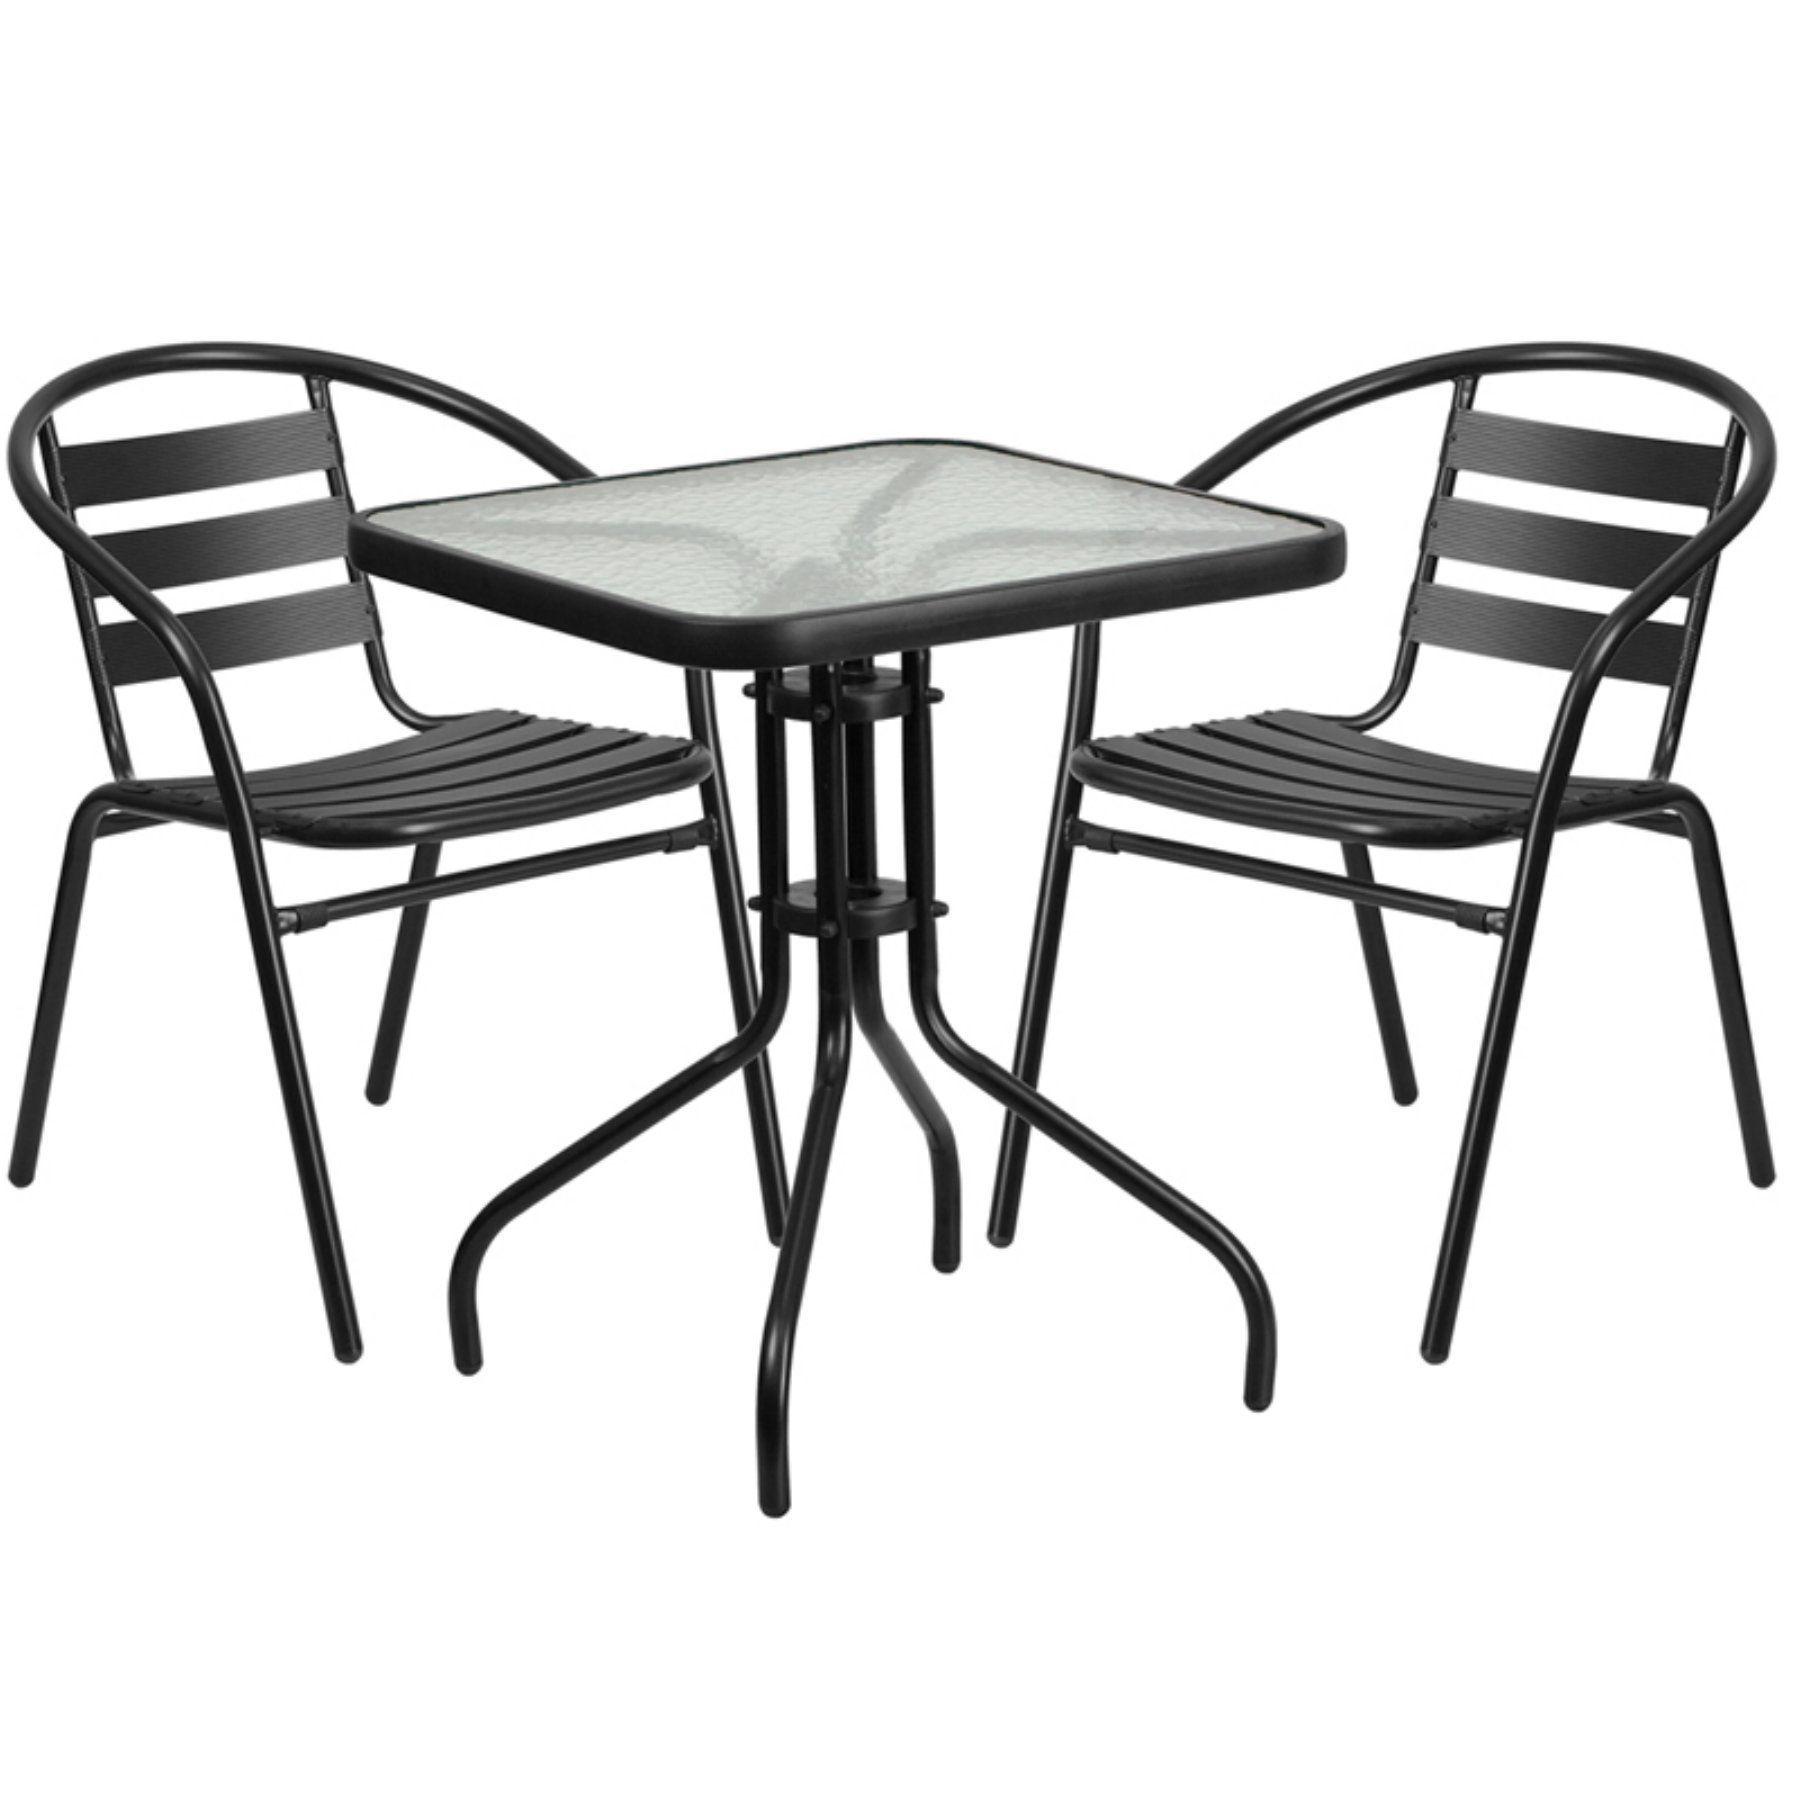 Outdoor Flash Furniture 3 Piece Square Aluminum Patio Dining Set